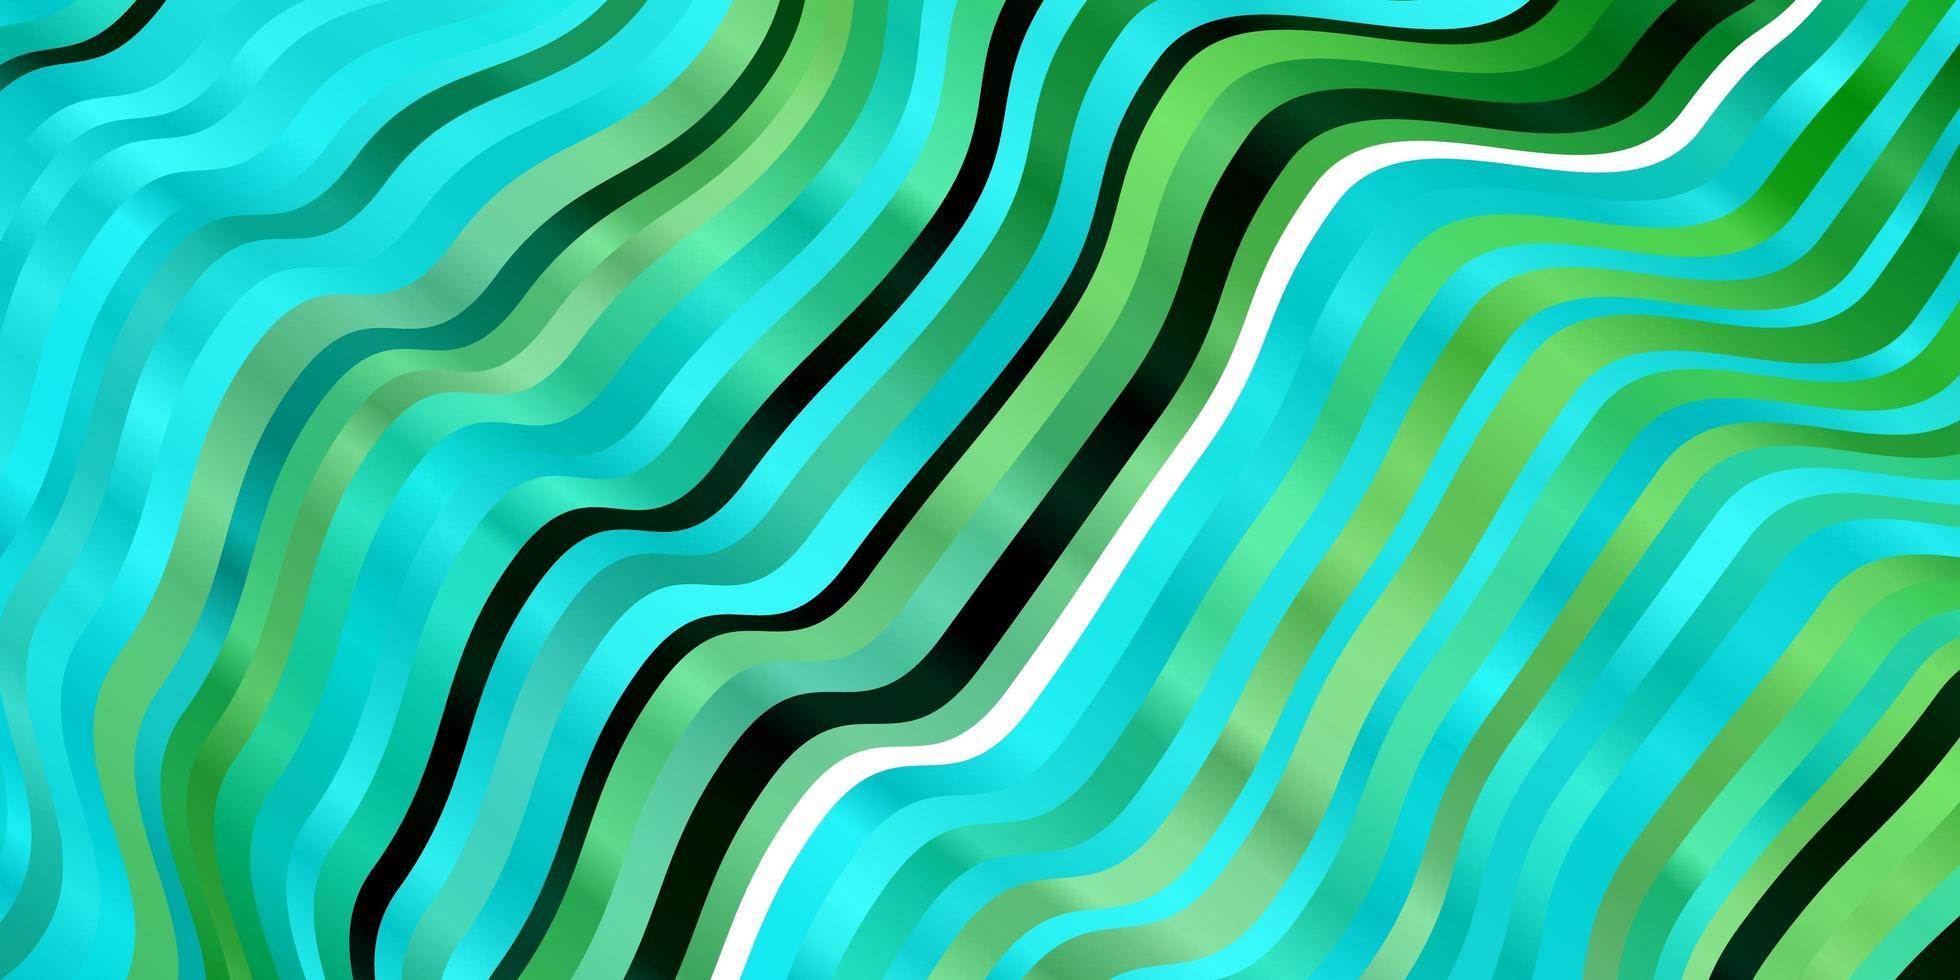 ljusblå, grön vektormall med kurvor. vektor